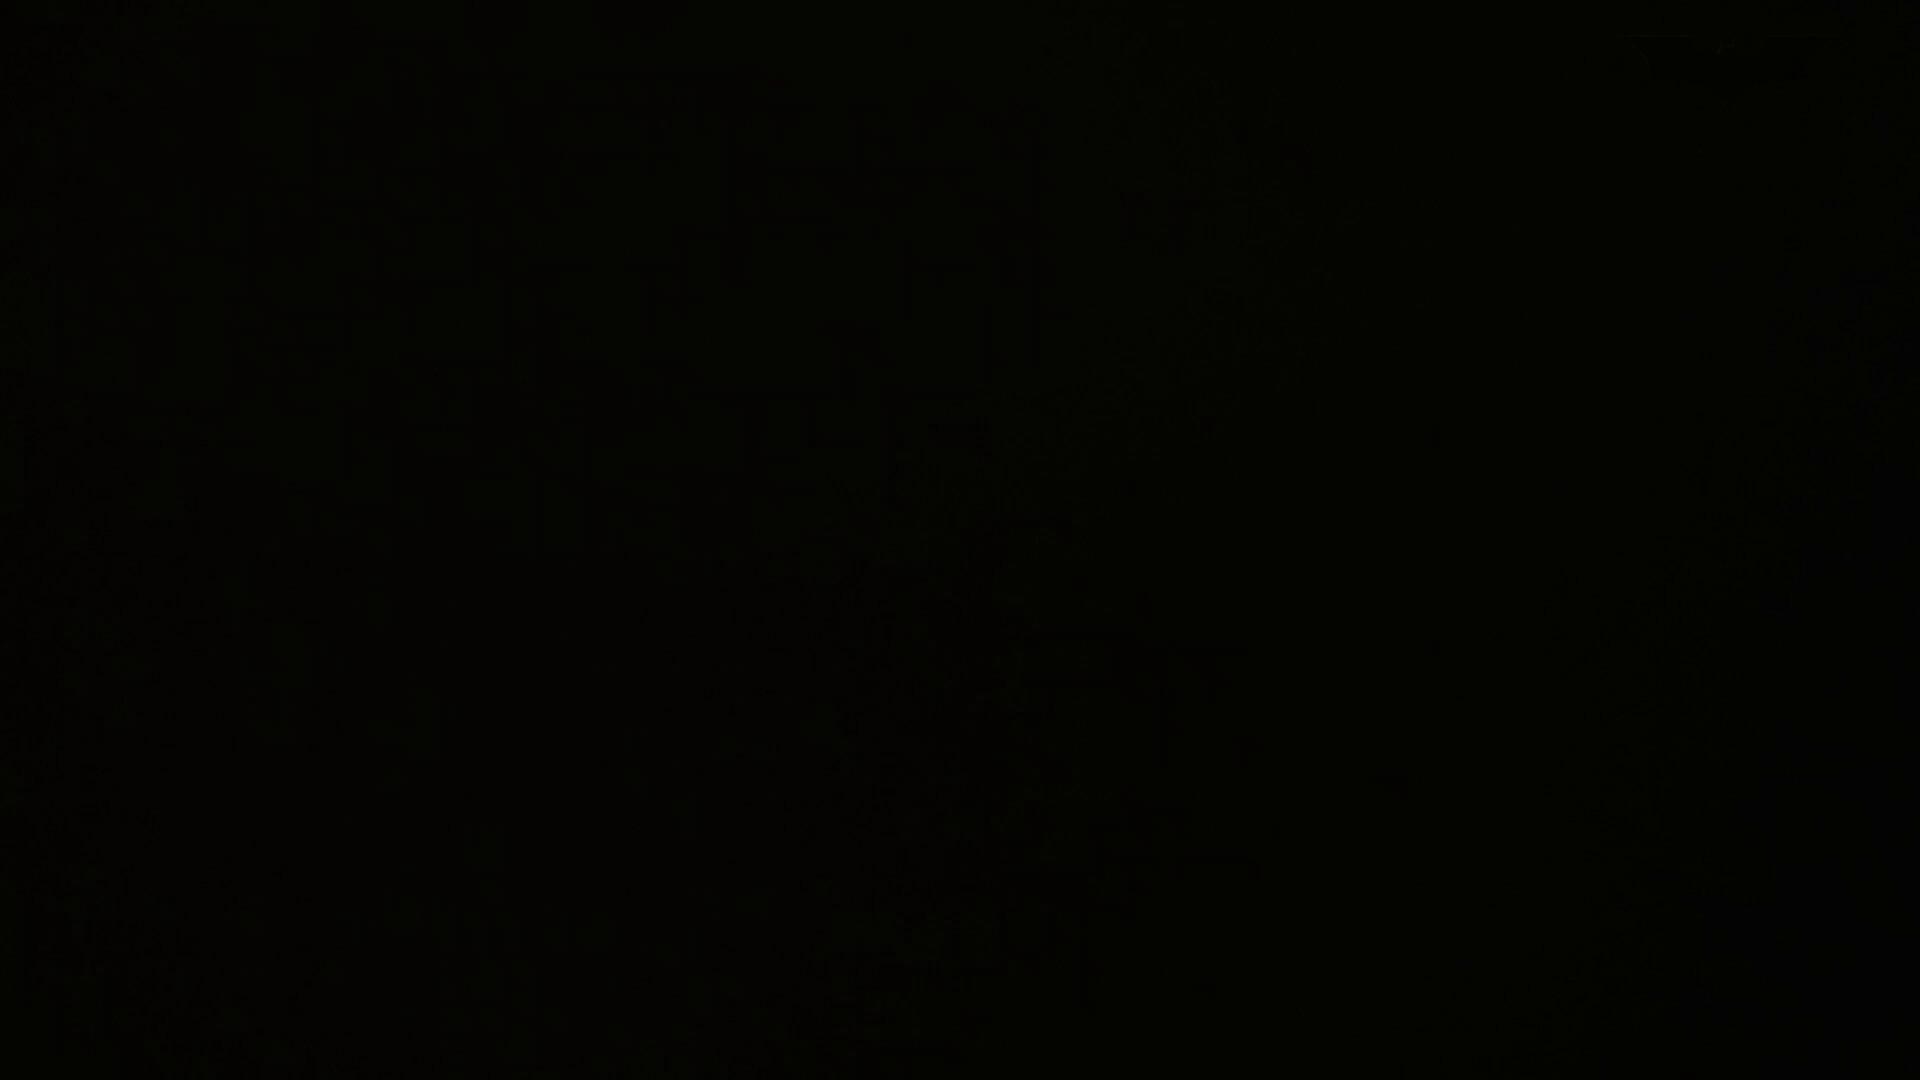 化粧室絵巻 ショッピングモール編 VOL.11 細身女性 おめこ無修正動画無料 83画像 23